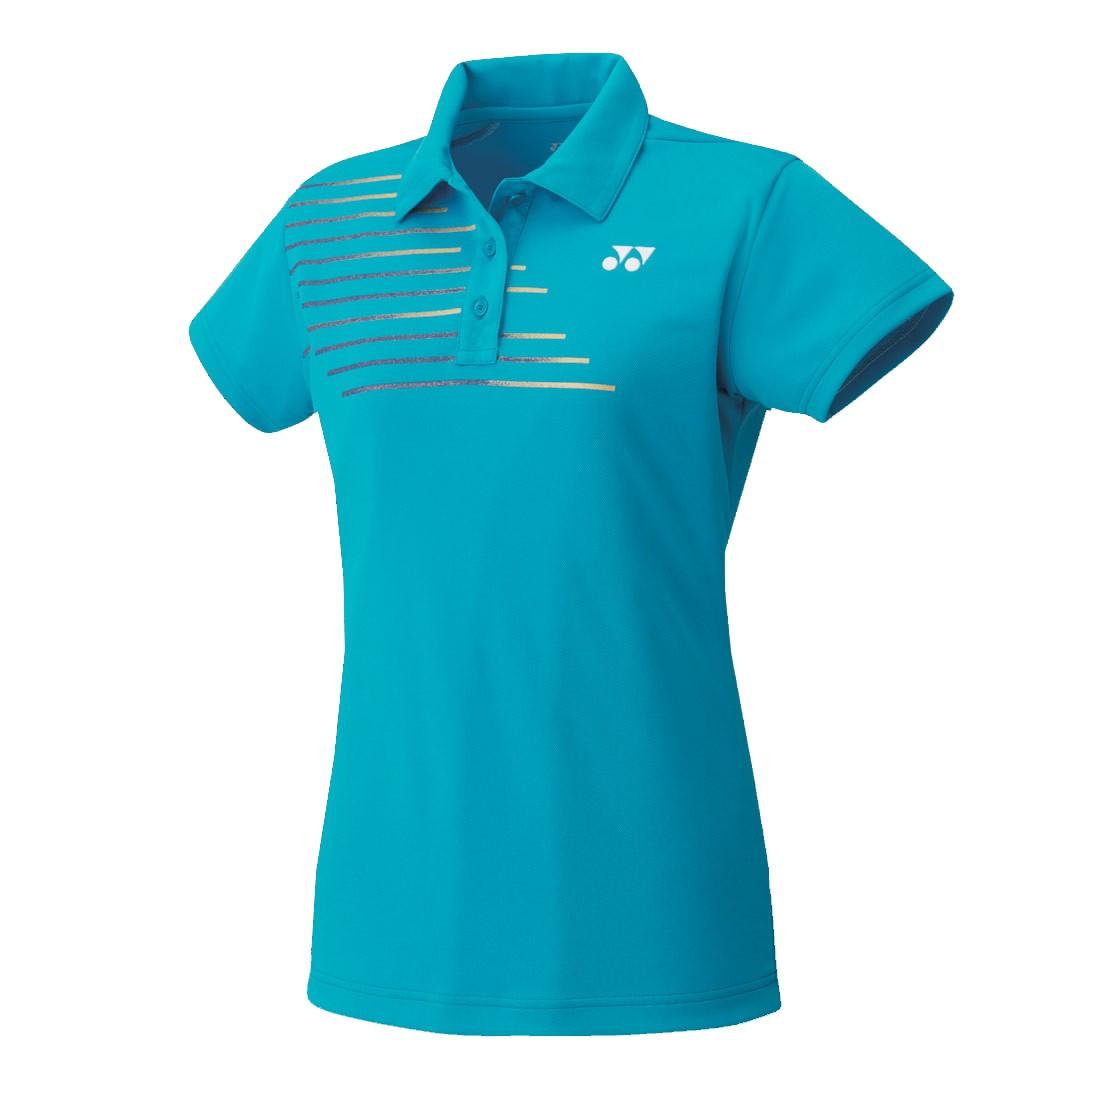 Жіноча футболка Yonex 20302 women's Polo Shirt Water Blue